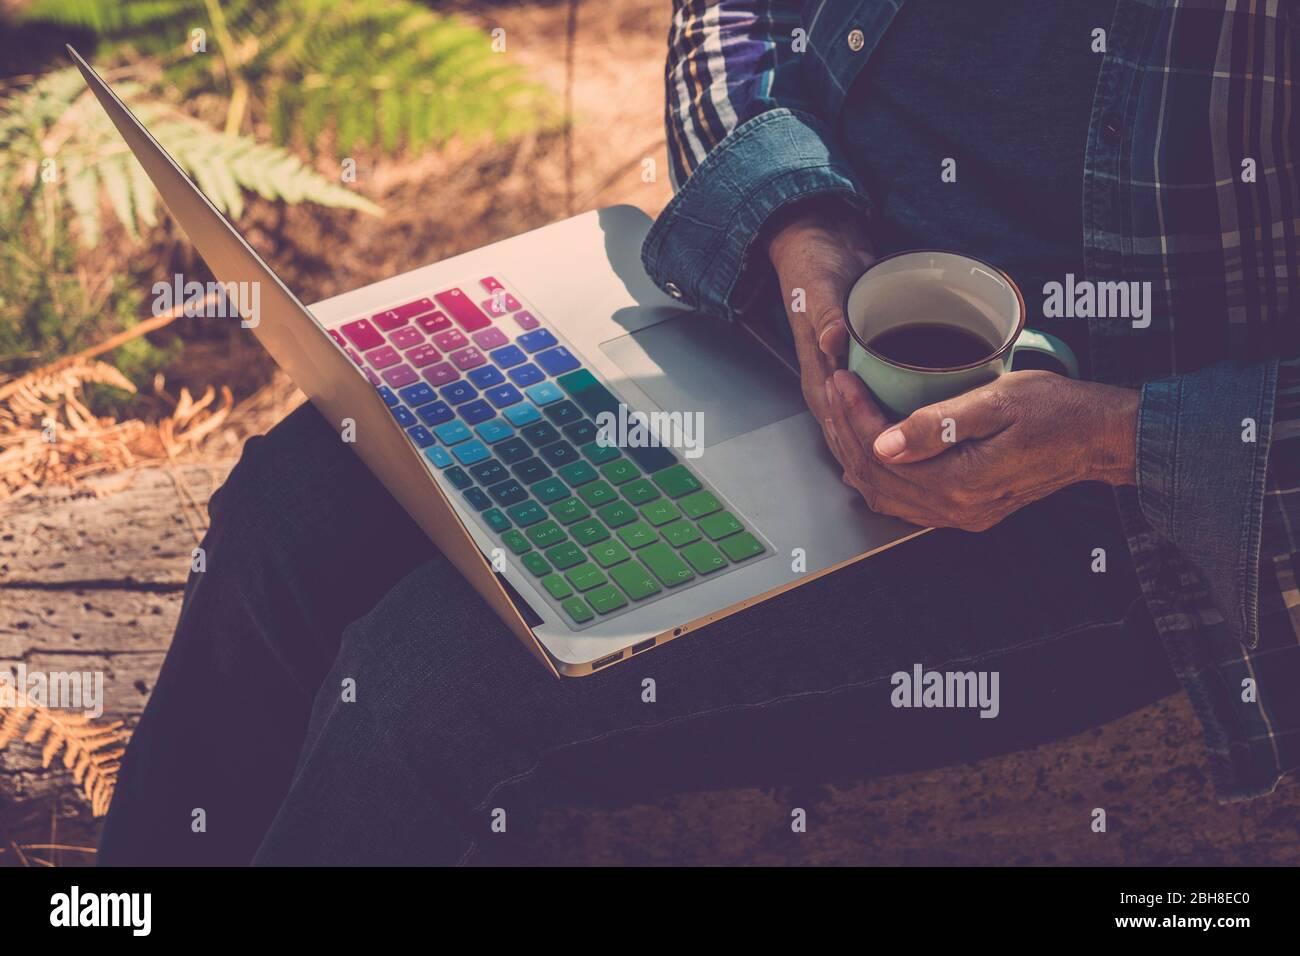 Nahaufnahme Frau im Freien mit Kaffeetasse und Notebook auf den Beinen bereit zu arbeiten und Internet-Verbindung - arbeiten überall ohne Altersbegrenzung für moderne freie Menschen mit Computer und WiFi-Signal Stockfoto